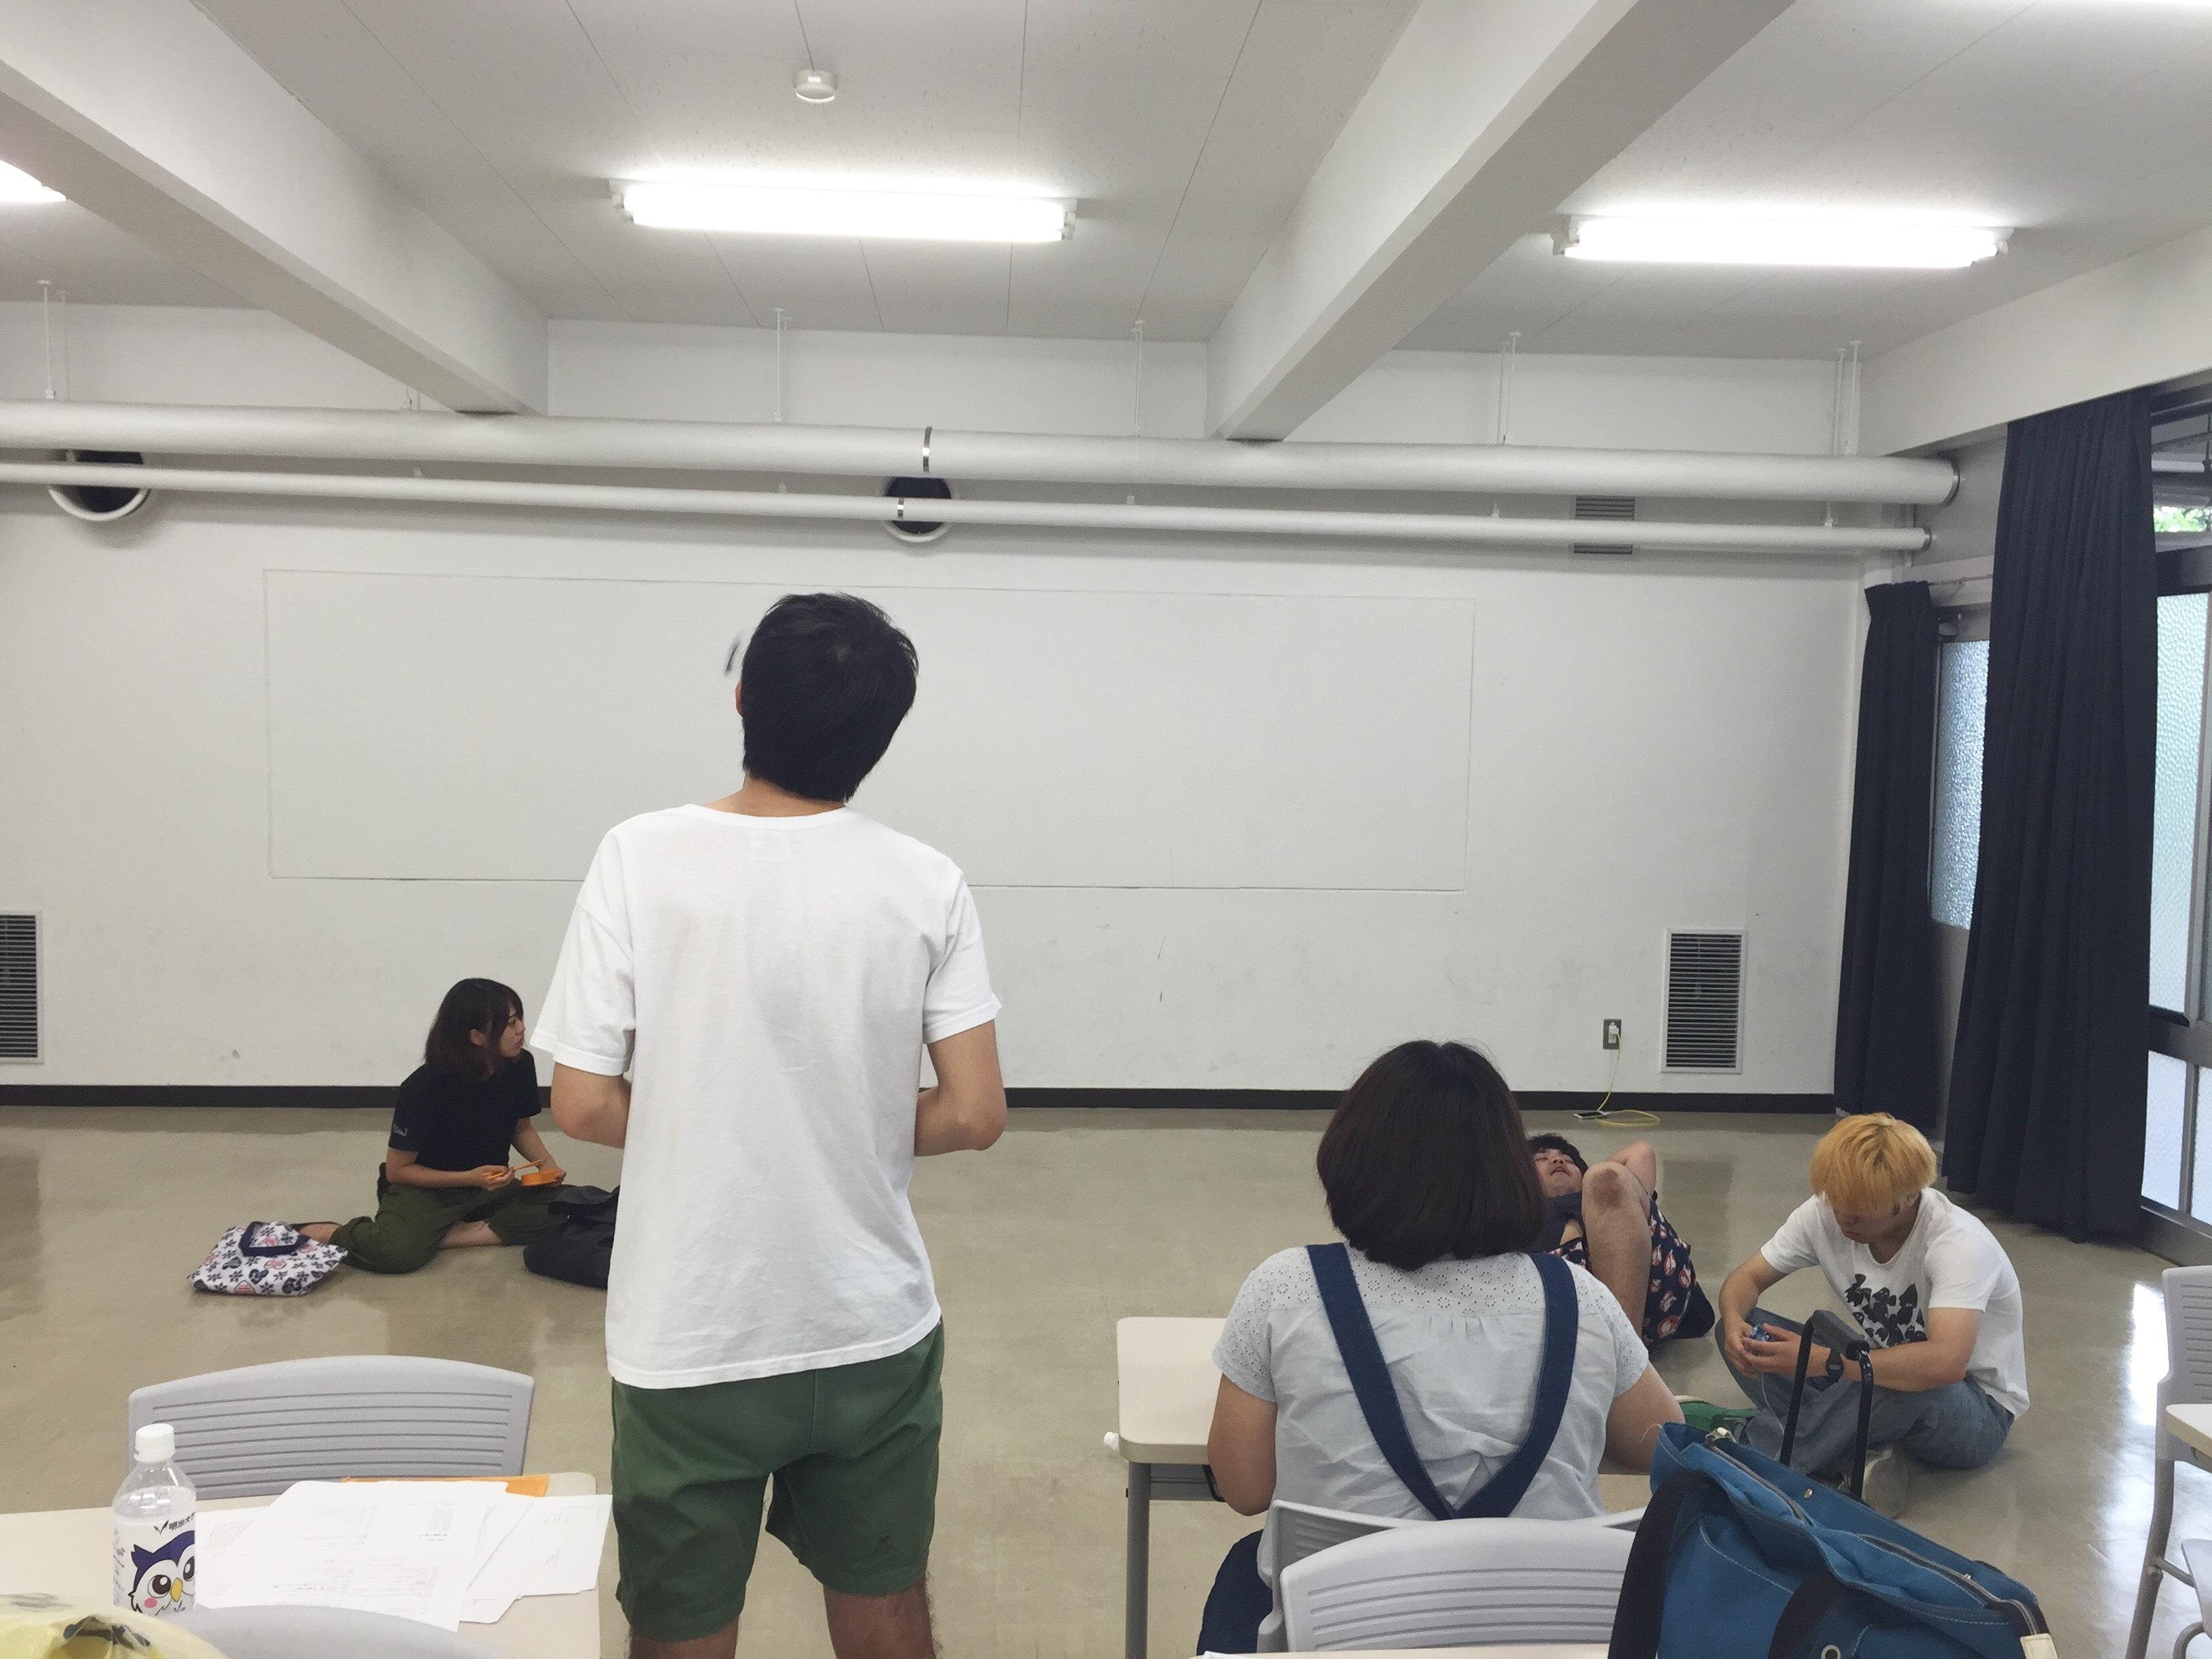 稽古を見つめる伊藤拓(左)と演出助手の大木菜摘(右)